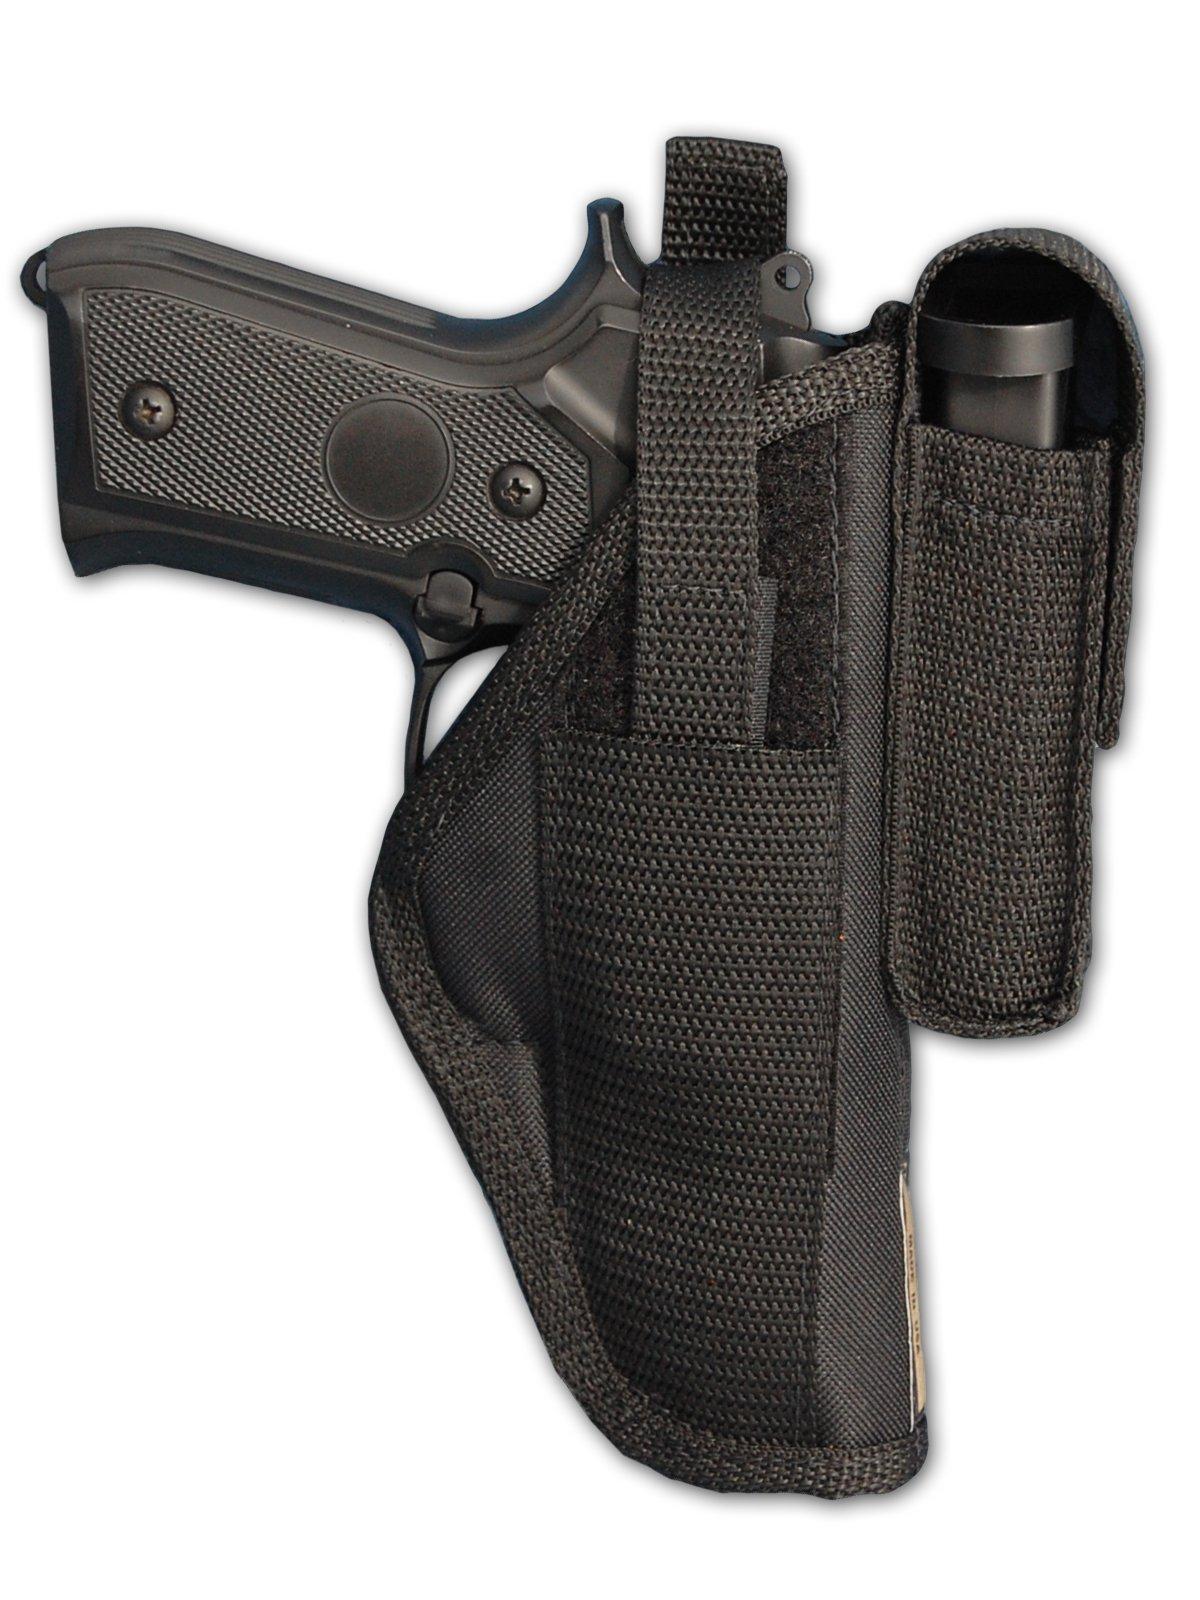 Barsony New Gun OWB Belt Holster w/Magazine Pouch for Full Size 9mm 40 45 Pistols